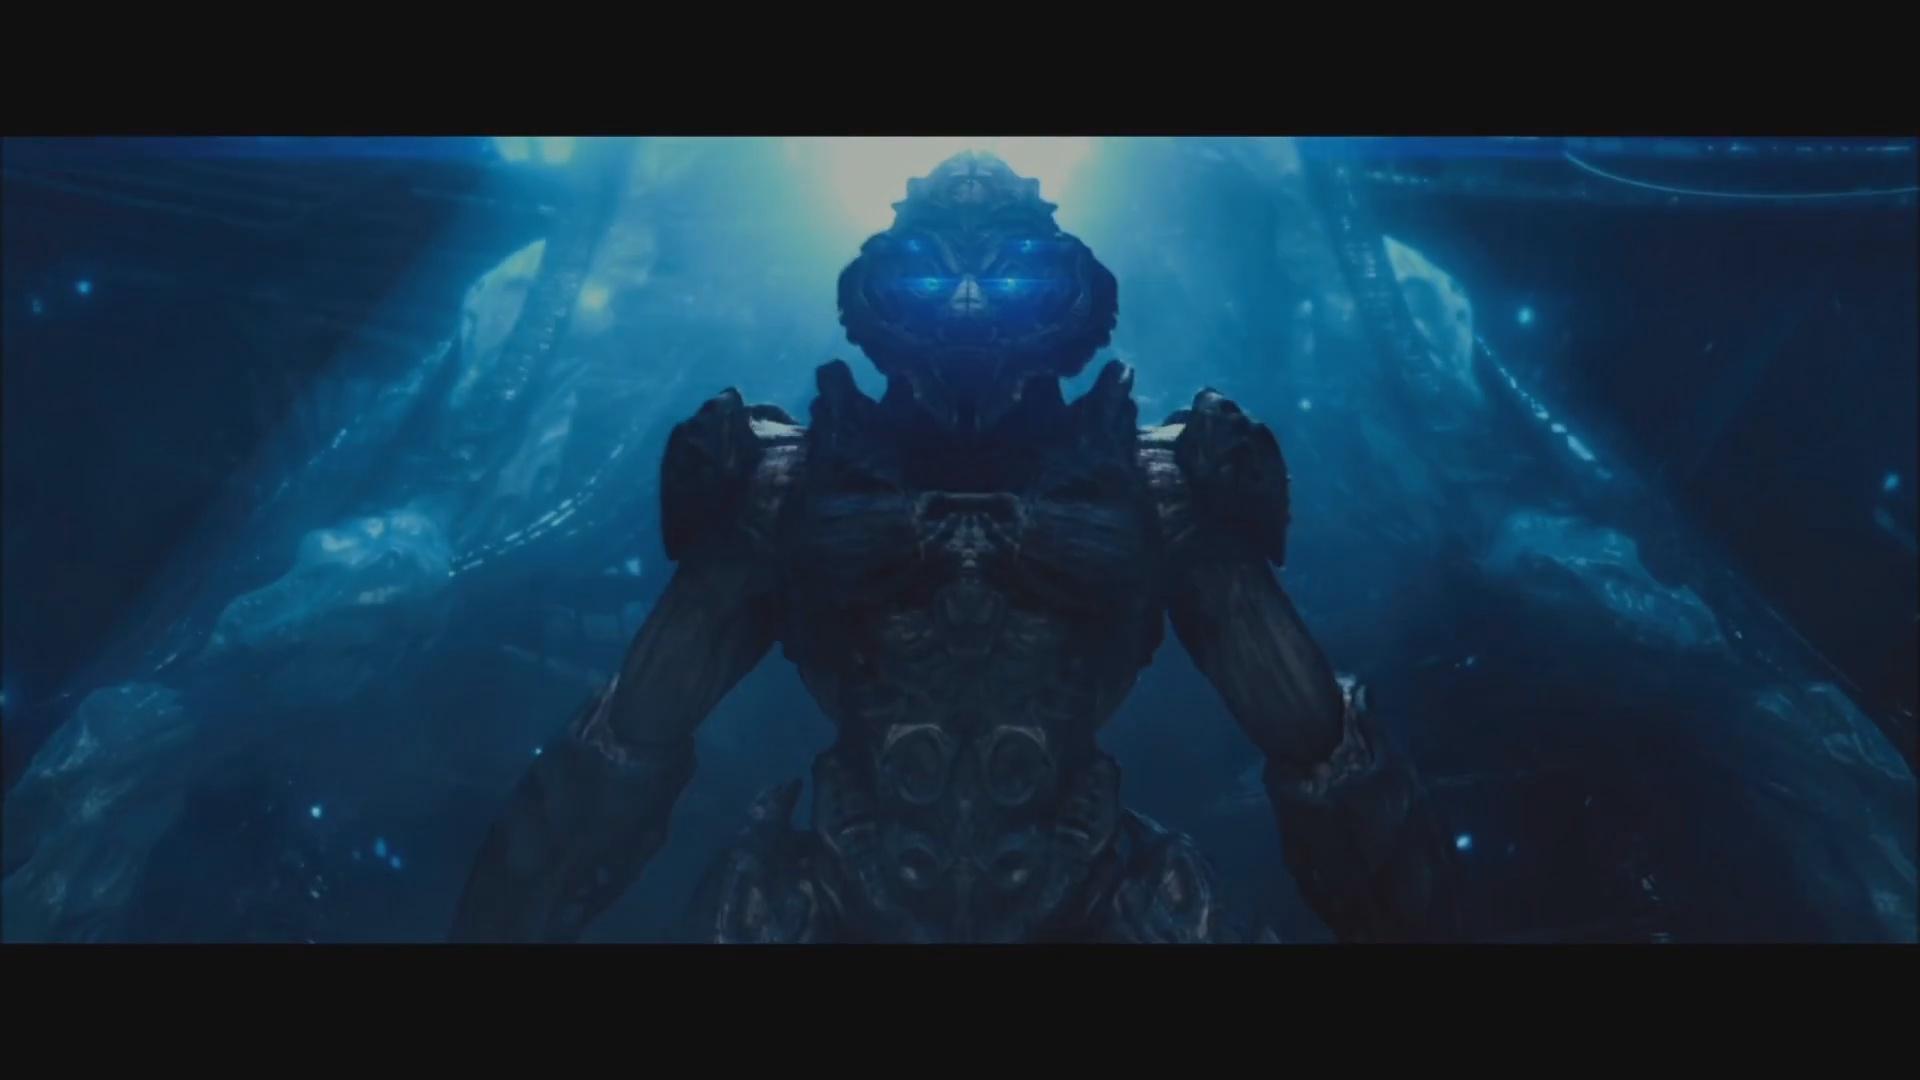 弗兰克·格里罗科幻新作《天际浩劫2》首曝中文电影预告